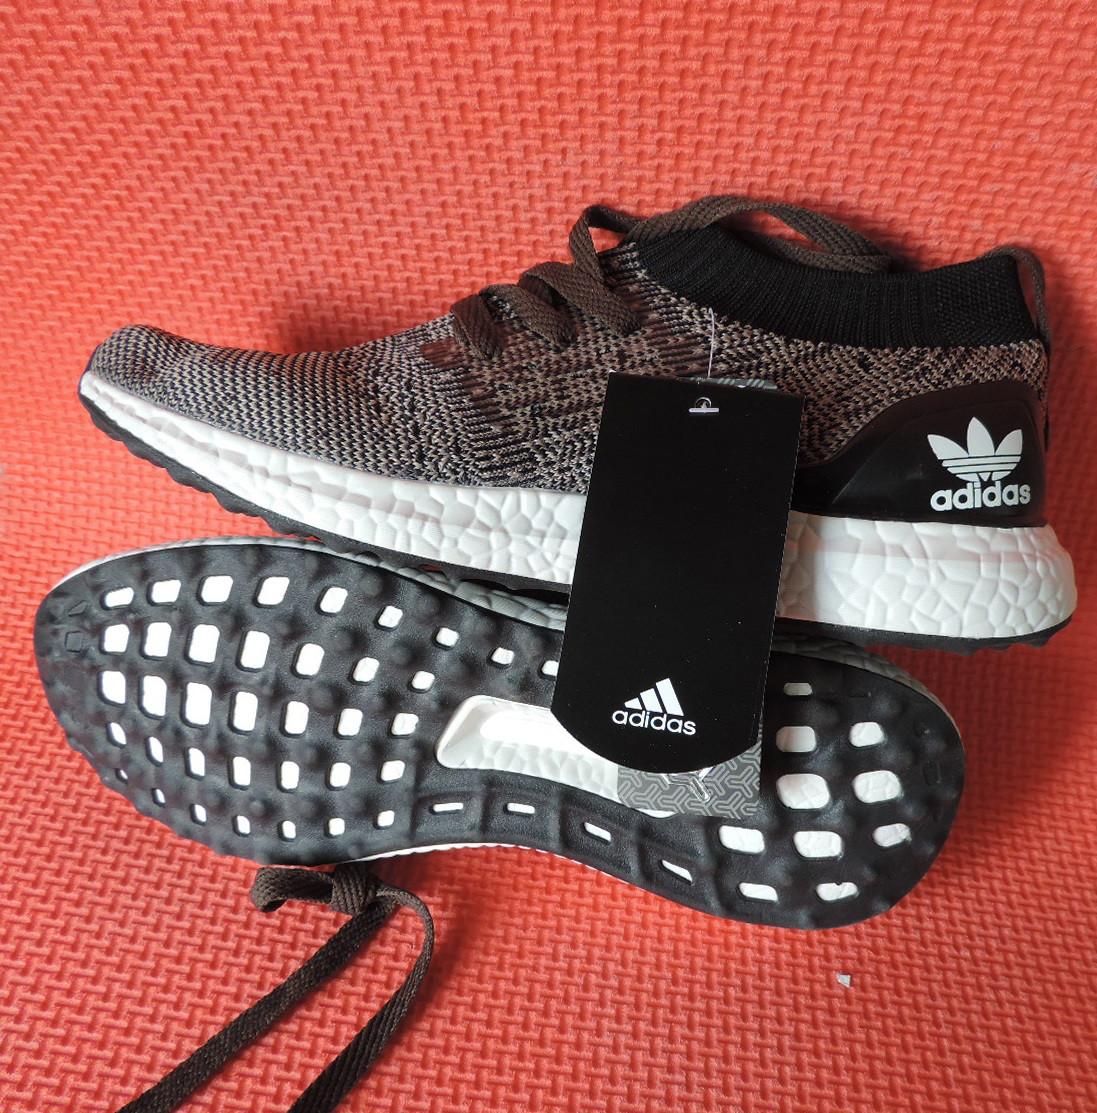 Кроссовки Adidas модель Ultra Boost Uncaged, реплика